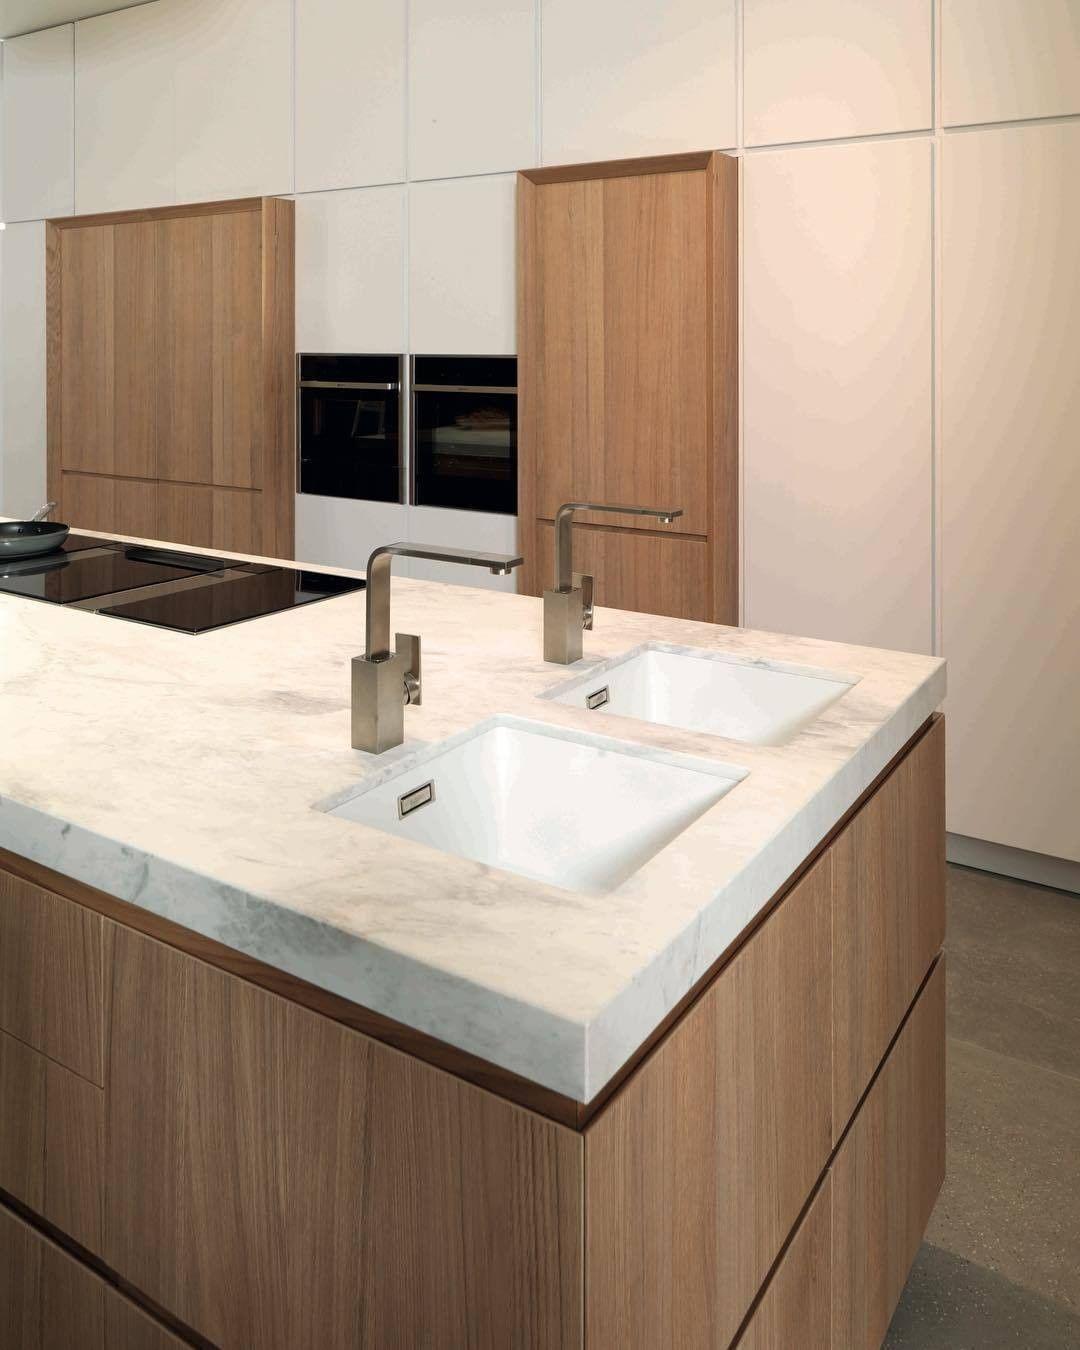 Mi Piace 305 Commenti 2 Porcelanosa Porcelanosa Su Instagram Bieder E7 90 Roble Puro E4 90 Blanco Snow Mate Kitchen In 2020 Small Bathroom Kitchen Modern